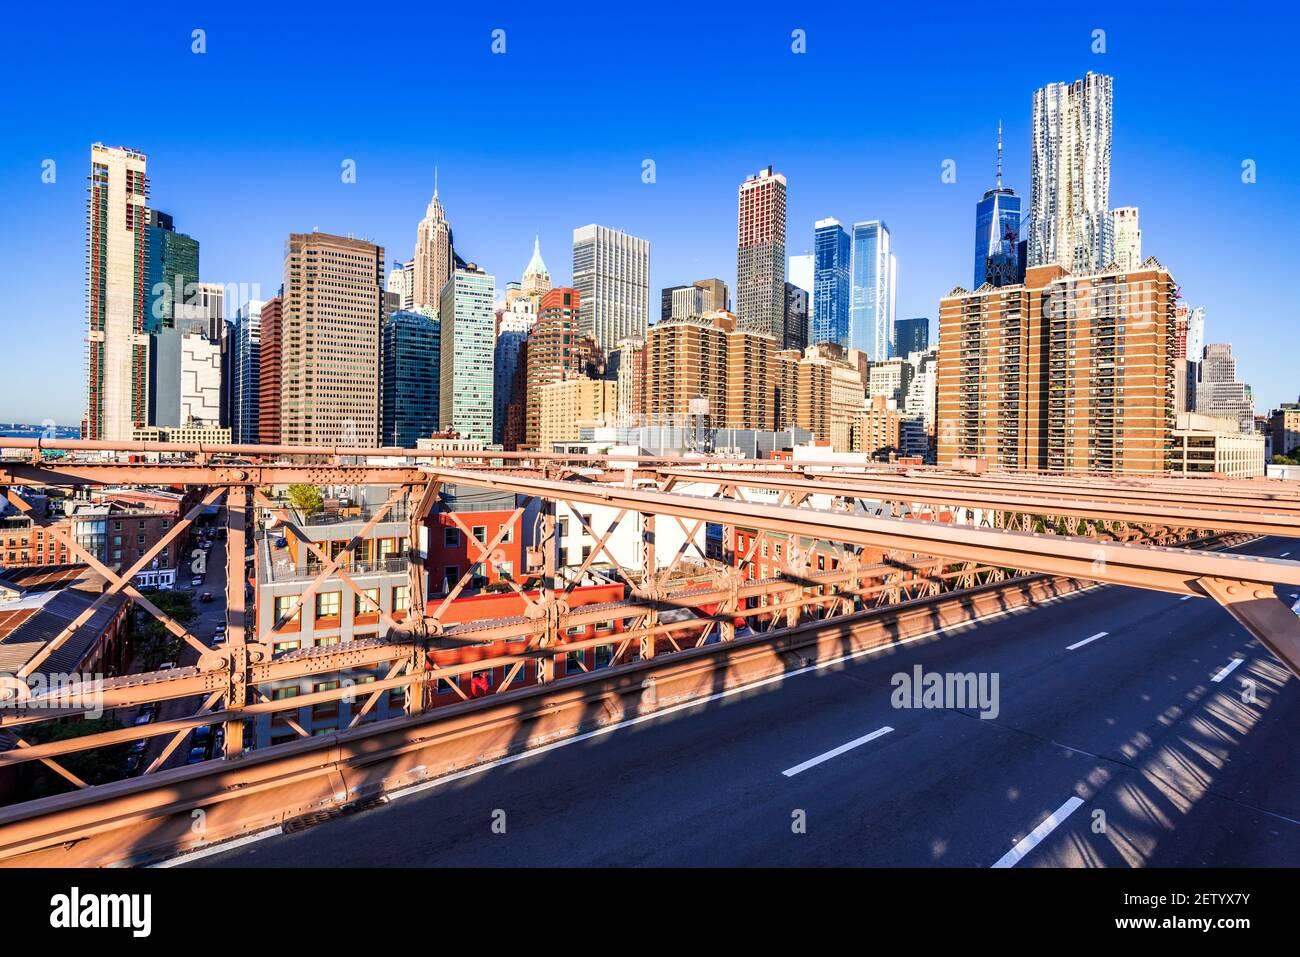 New York, Brooklyn Bridge - Centre-ville de Manhattan, New York, paysage architectural de la ville aux États-Unis d'Amérique. Banque D'Images